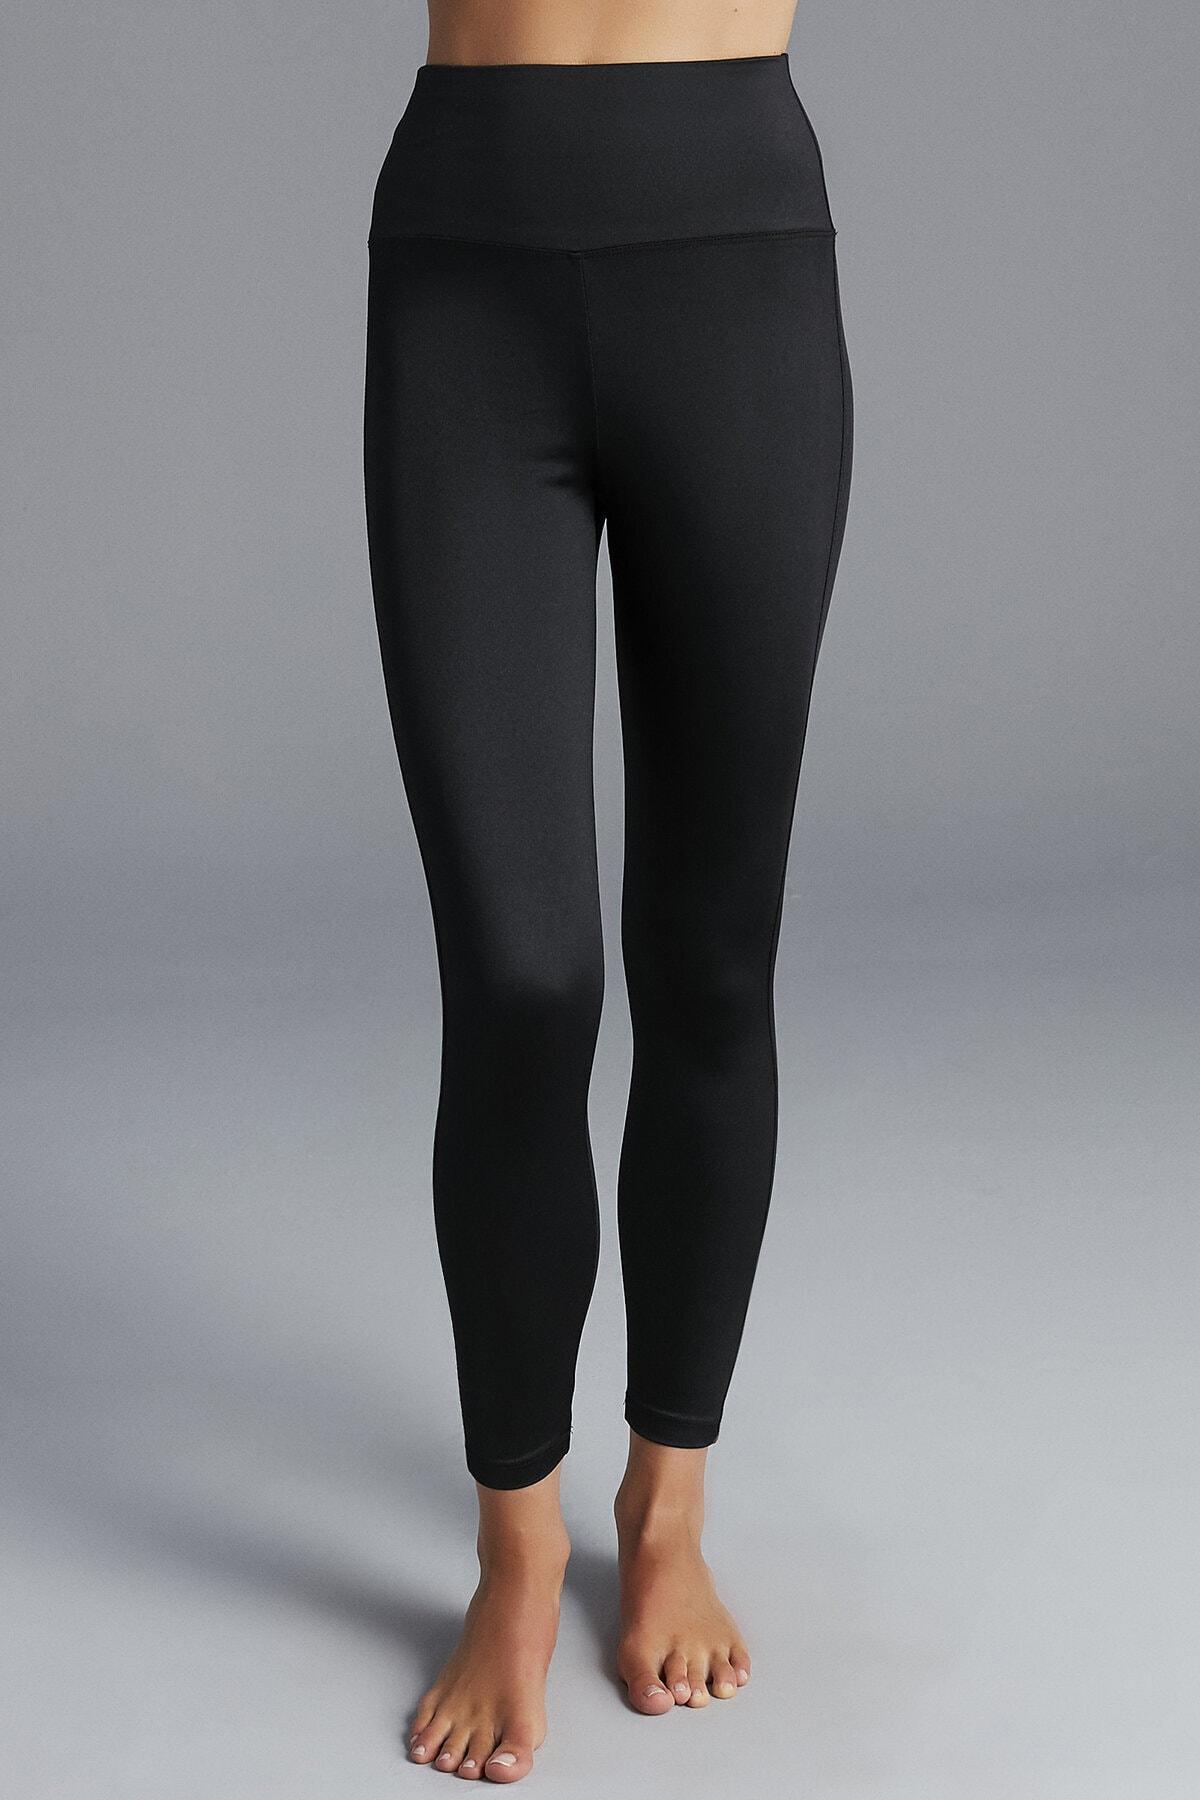 Penti Kadın Siyah Shiny Legging Tayt